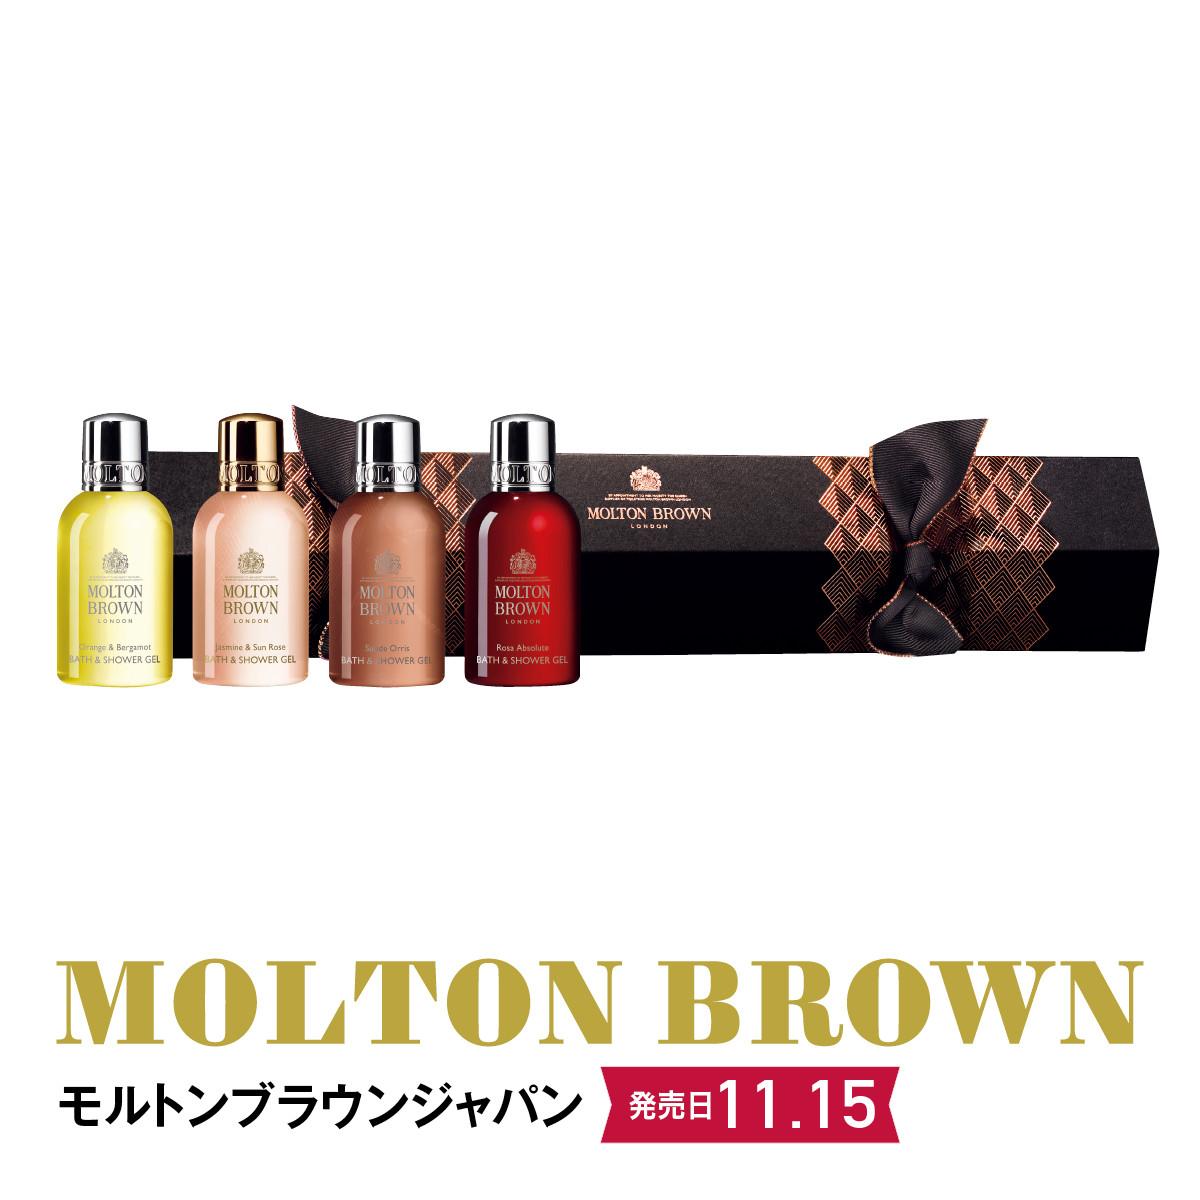 2019クリスマスコフレ&限定品: MOLTON BROWN/モルトンブラウンジャパン